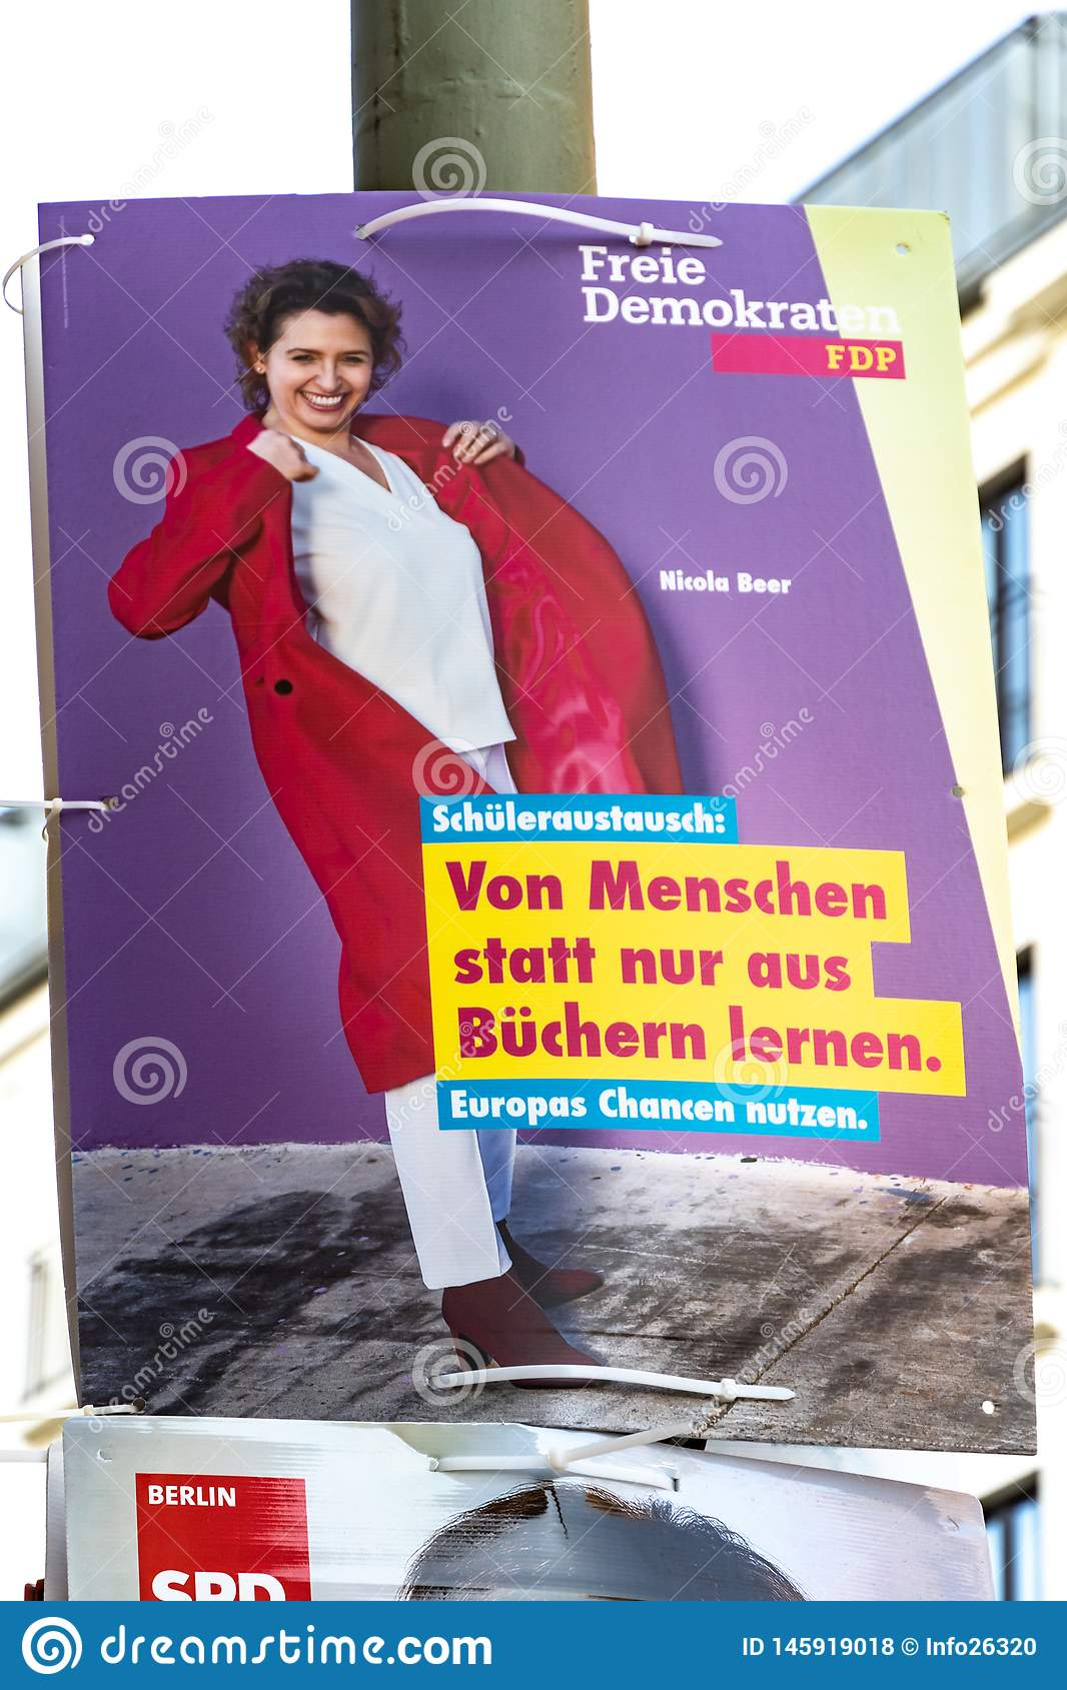 Manifesto della campagna politica di FDP